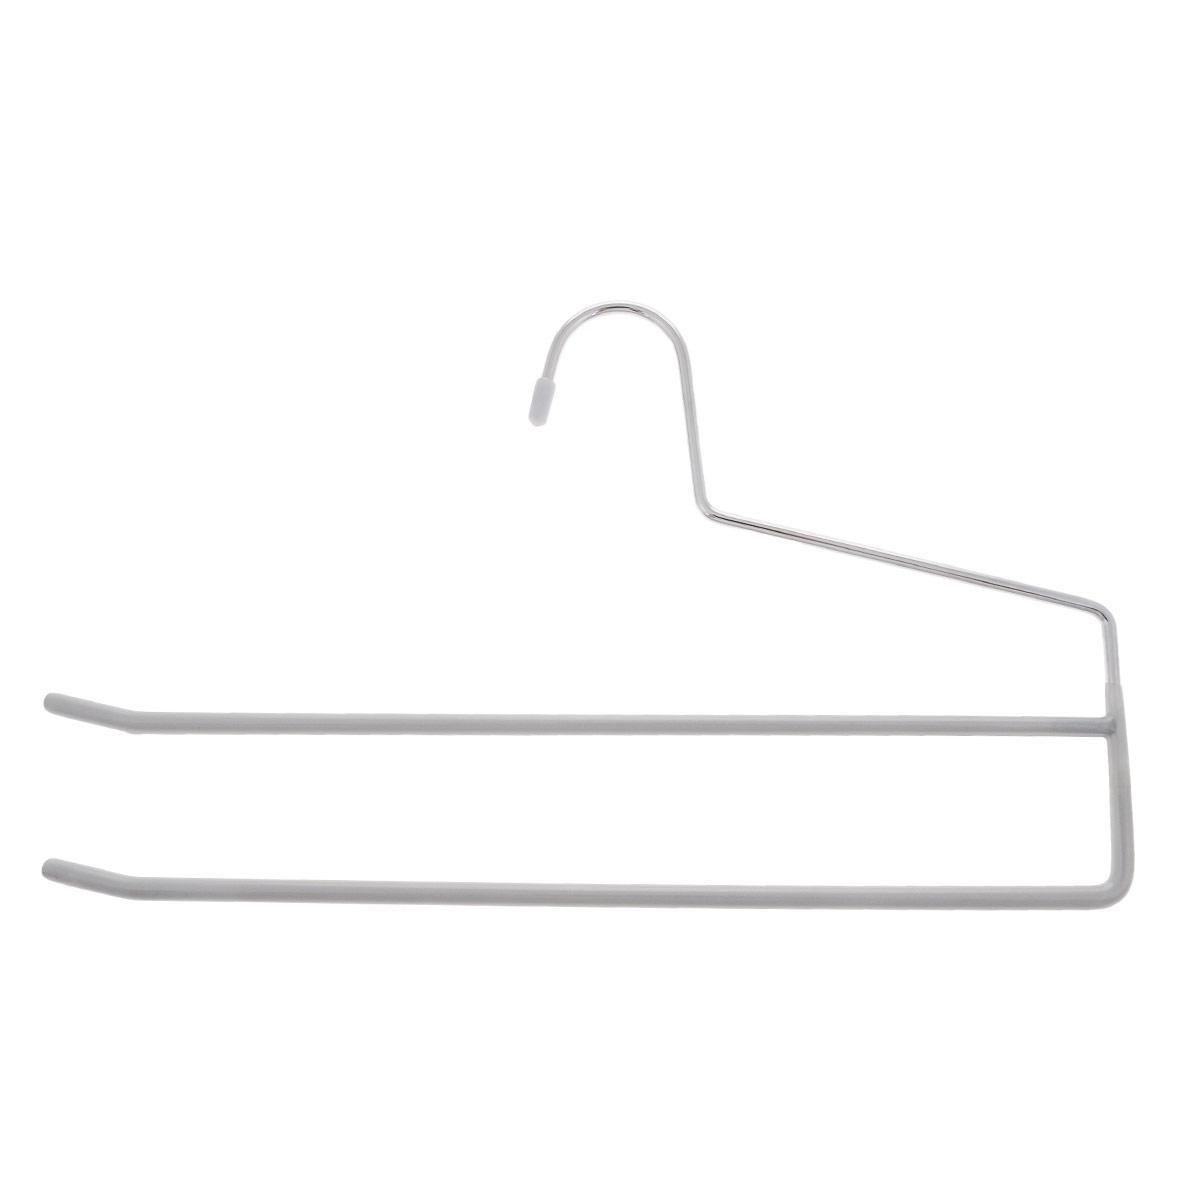 Вешалка для брюк Metaltex, цвет: серый, 2 уровня, длина 34,5 см55.21.06_серый_серыйВешалка для брюк Metaltex, выполненная из металла, представляет собой две перекладины, располагающиеся друг над другом. Каждая перекладина имеет противоскользящее полимерное покрытие. Такая вешалка прекрасно подойдет для подвешивания брюк. Вешалка - это незаменимая вещь для того, чтобы ваша одежда всегда оставалась в хорошем состоянии.